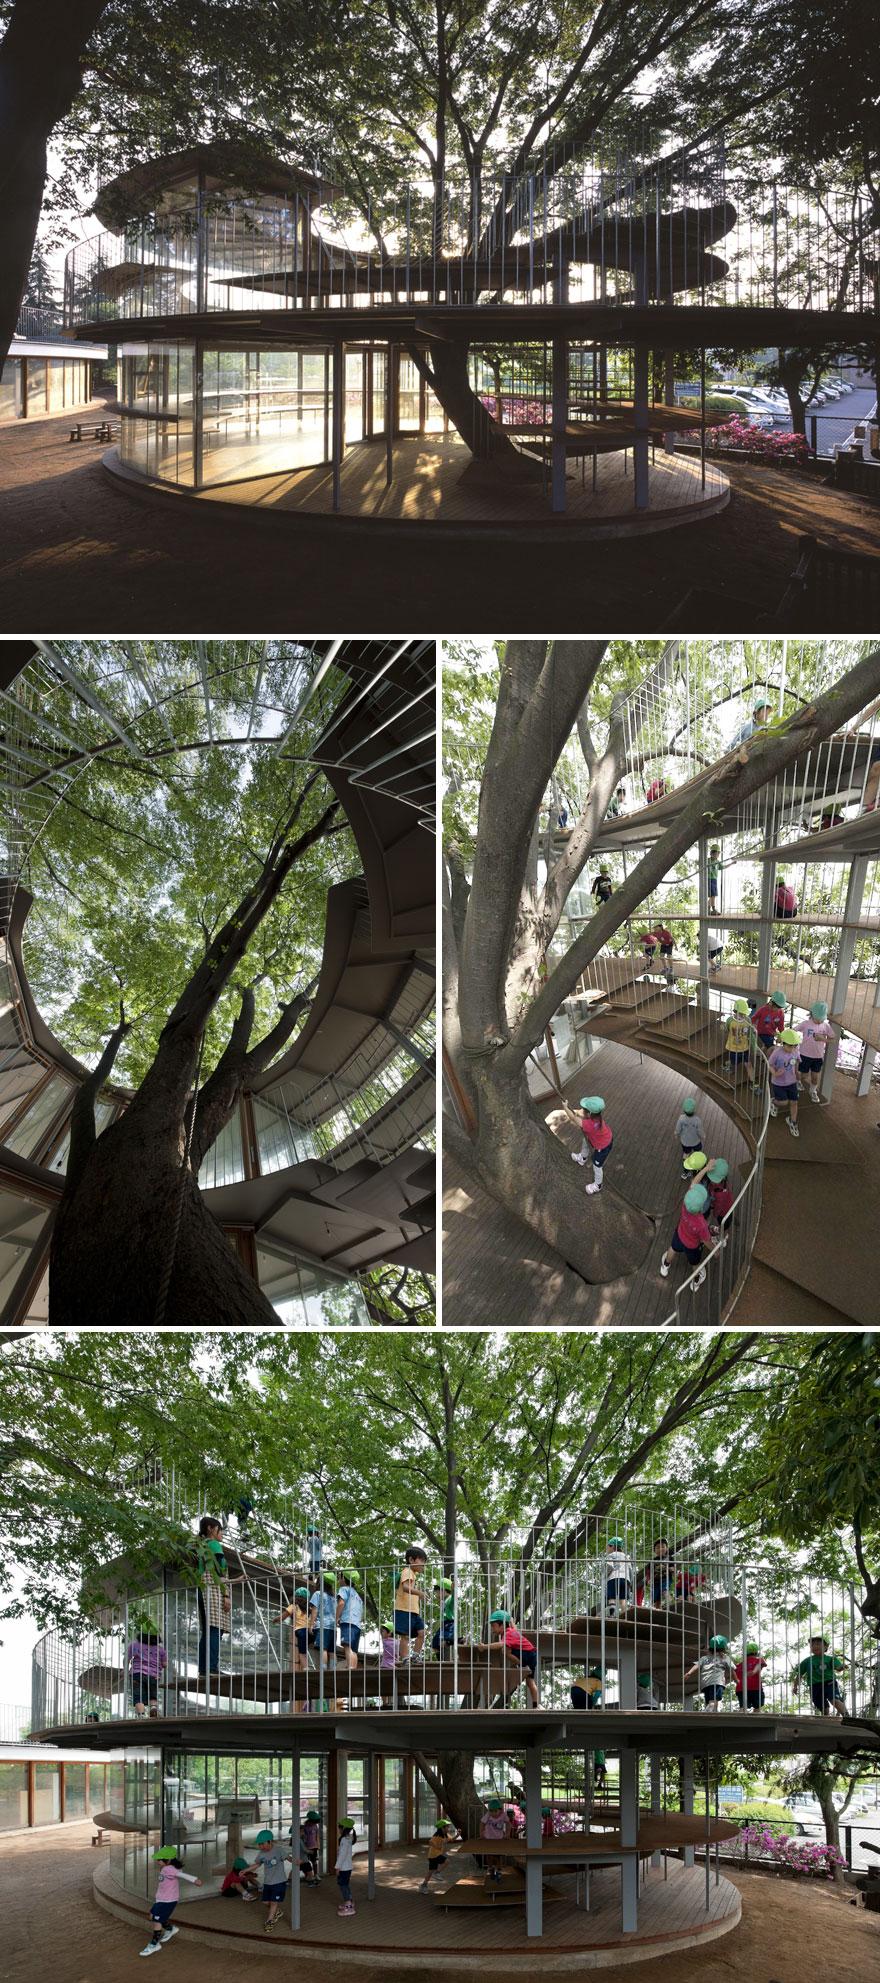 مهد کودکی در ژاپن که پیرامون یک درخت ساخته شده.